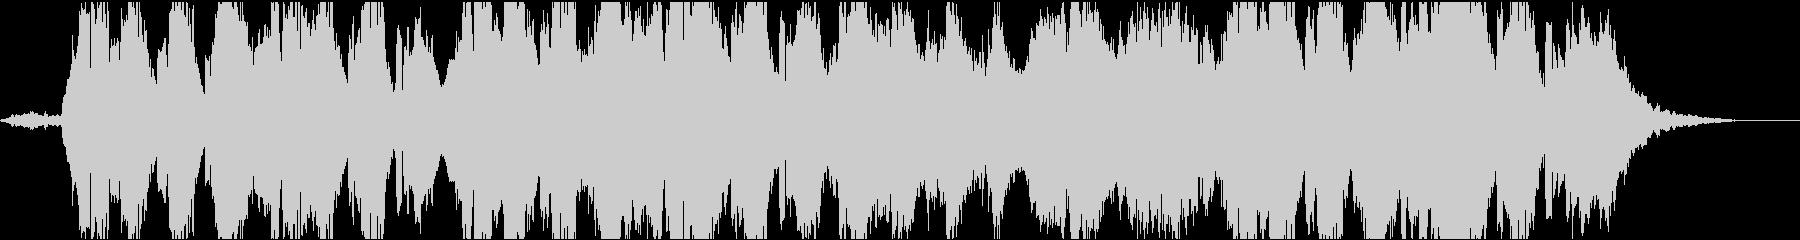 ストリングスとフルートの切ないバラード の未再生の波形